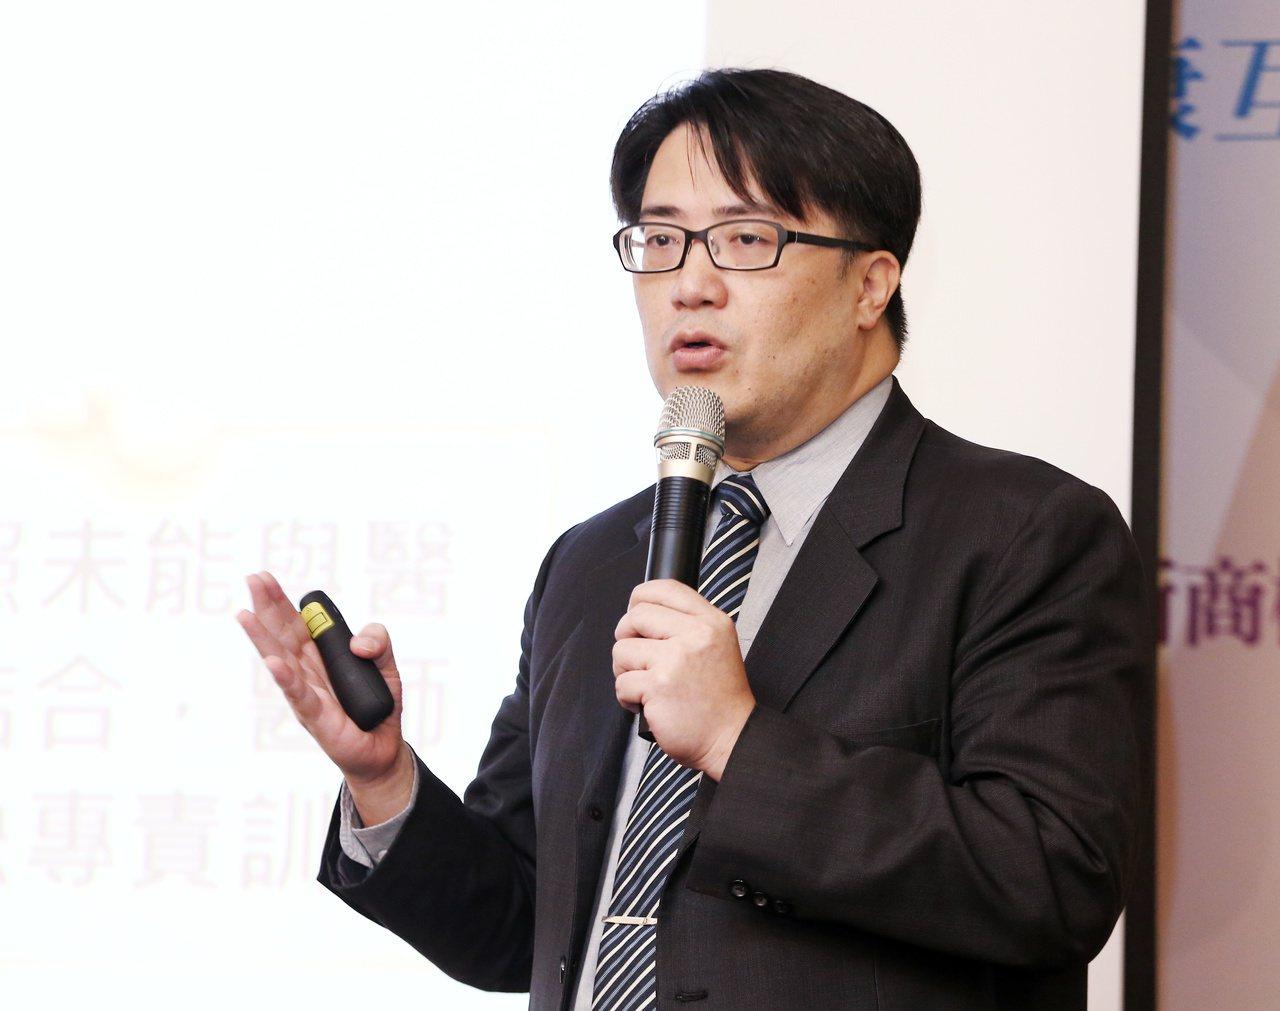 長照有議見專家會議,台北榮總高齡醫學中心主任陳亮恭出席。記者曾原信/攝影